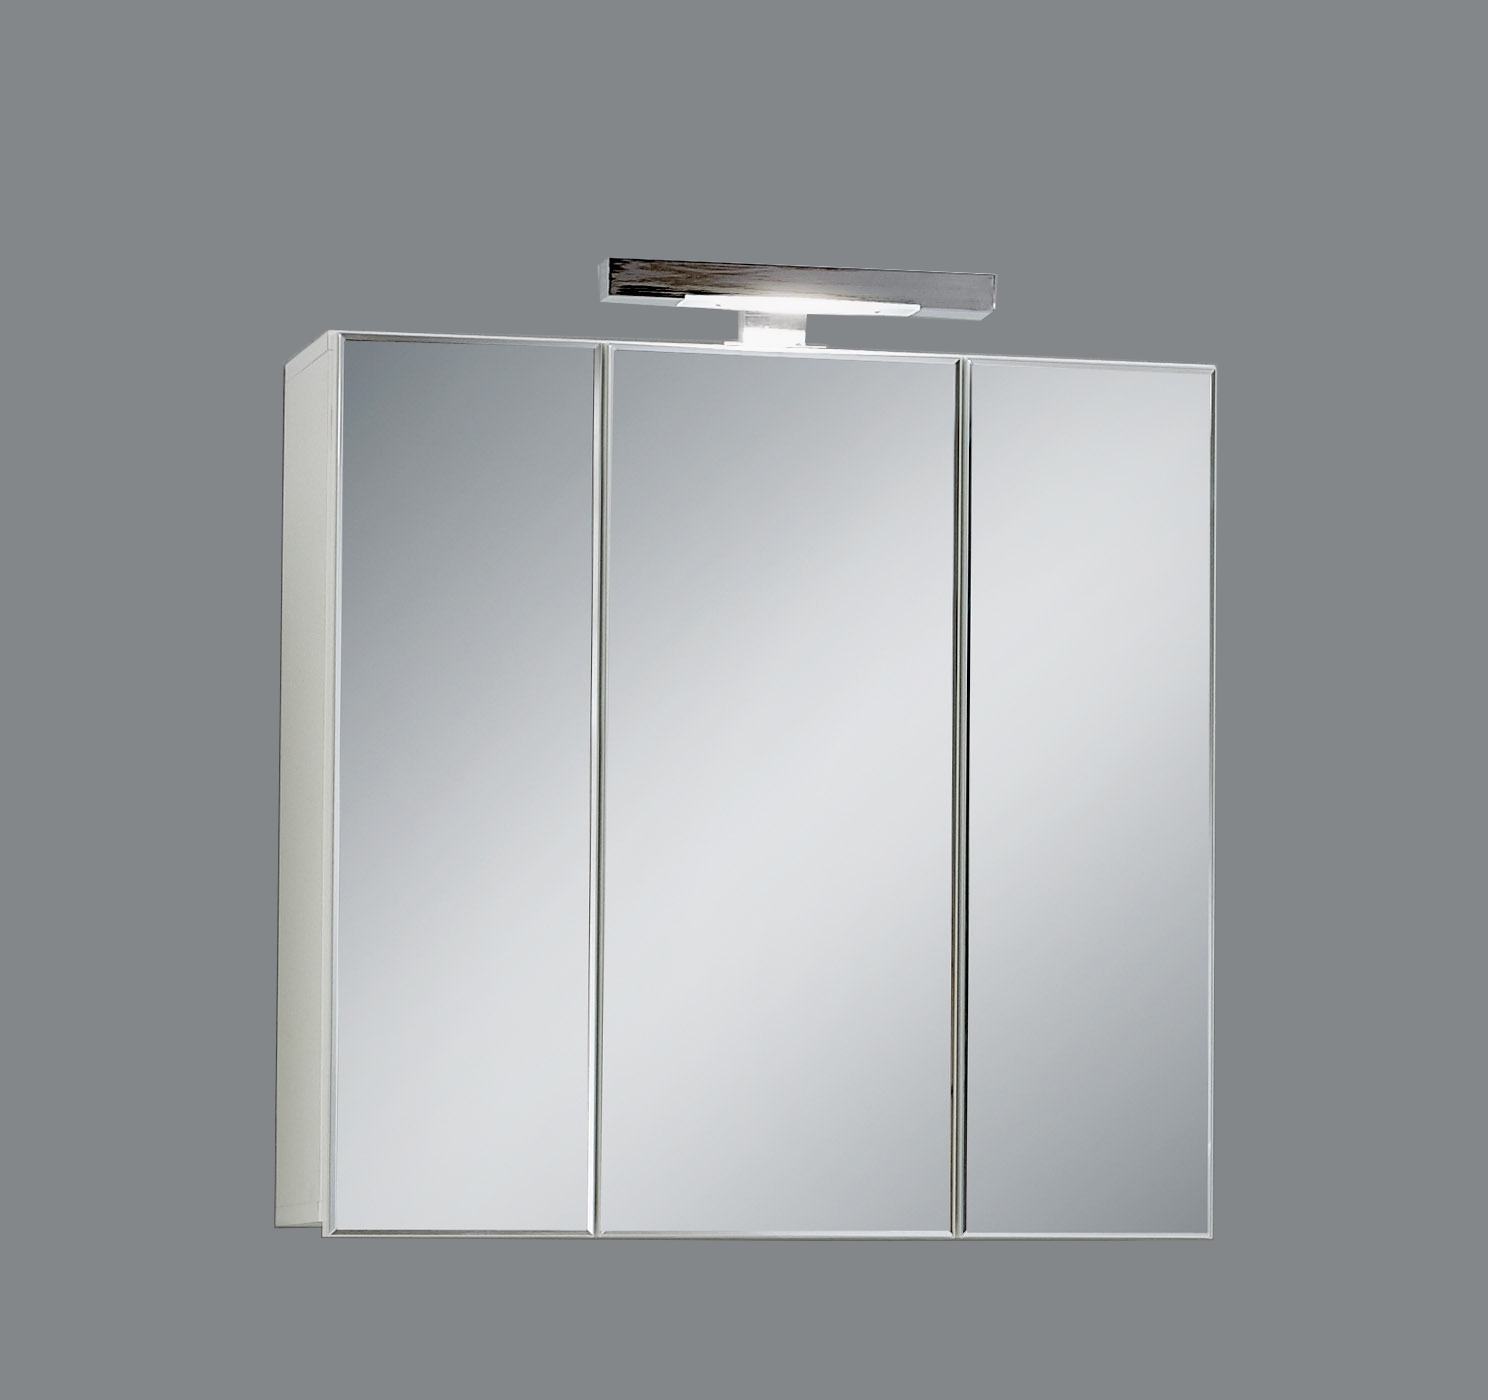 ZAMORA 3 Spiegelschrank inkl Beleuchtung von FMD Weiss